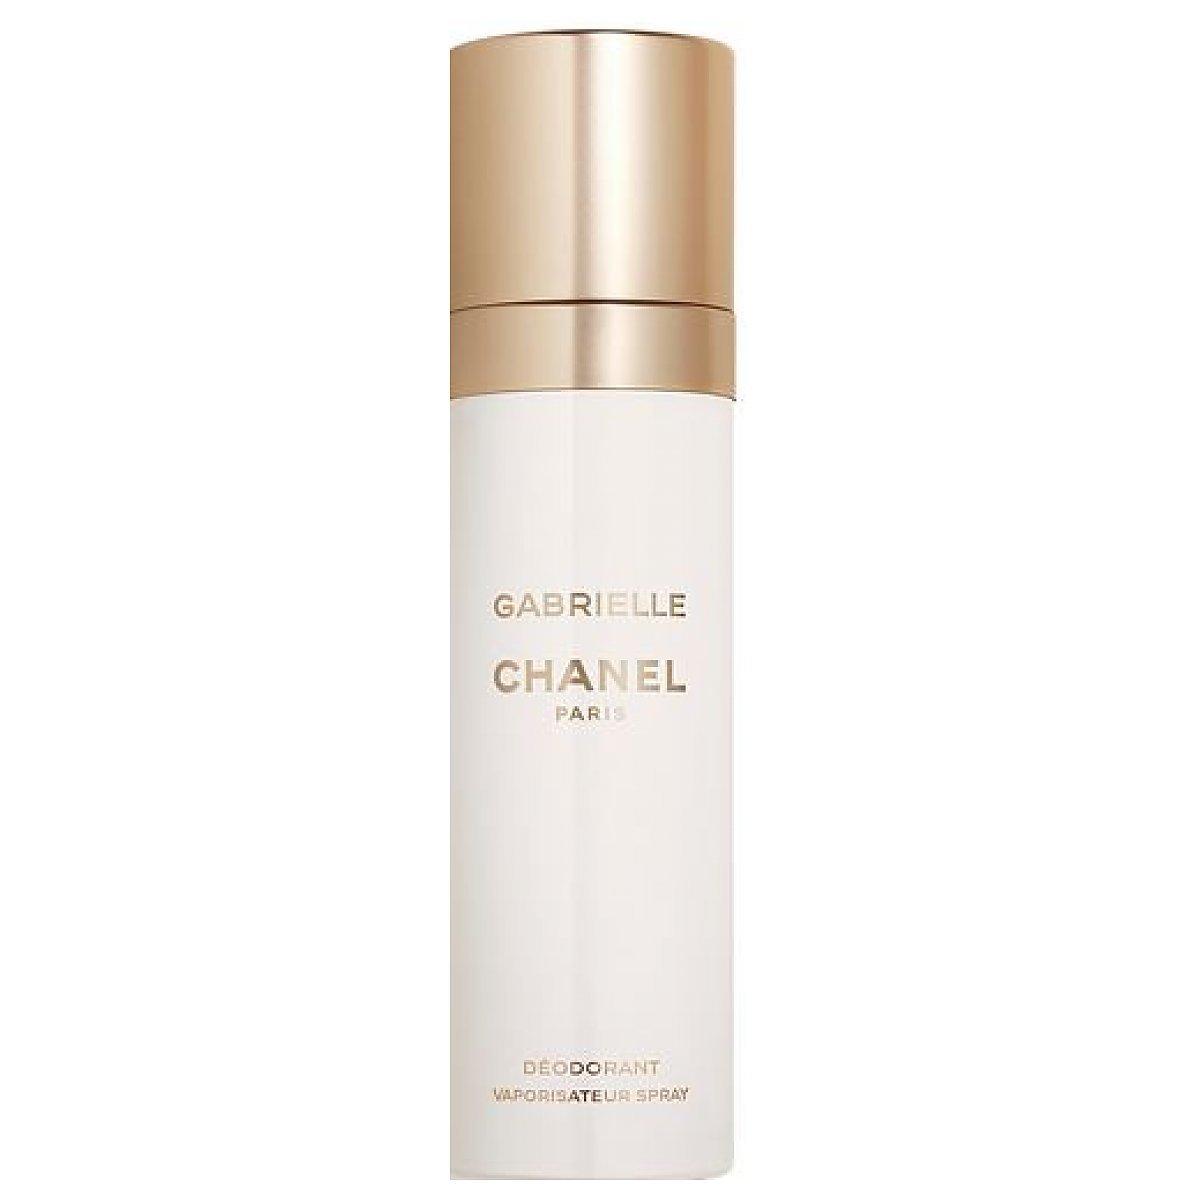 844f690ddd2b CHANEL Gabrielle Dezodorant spray 100ml - Perfumeria Dolce.pl